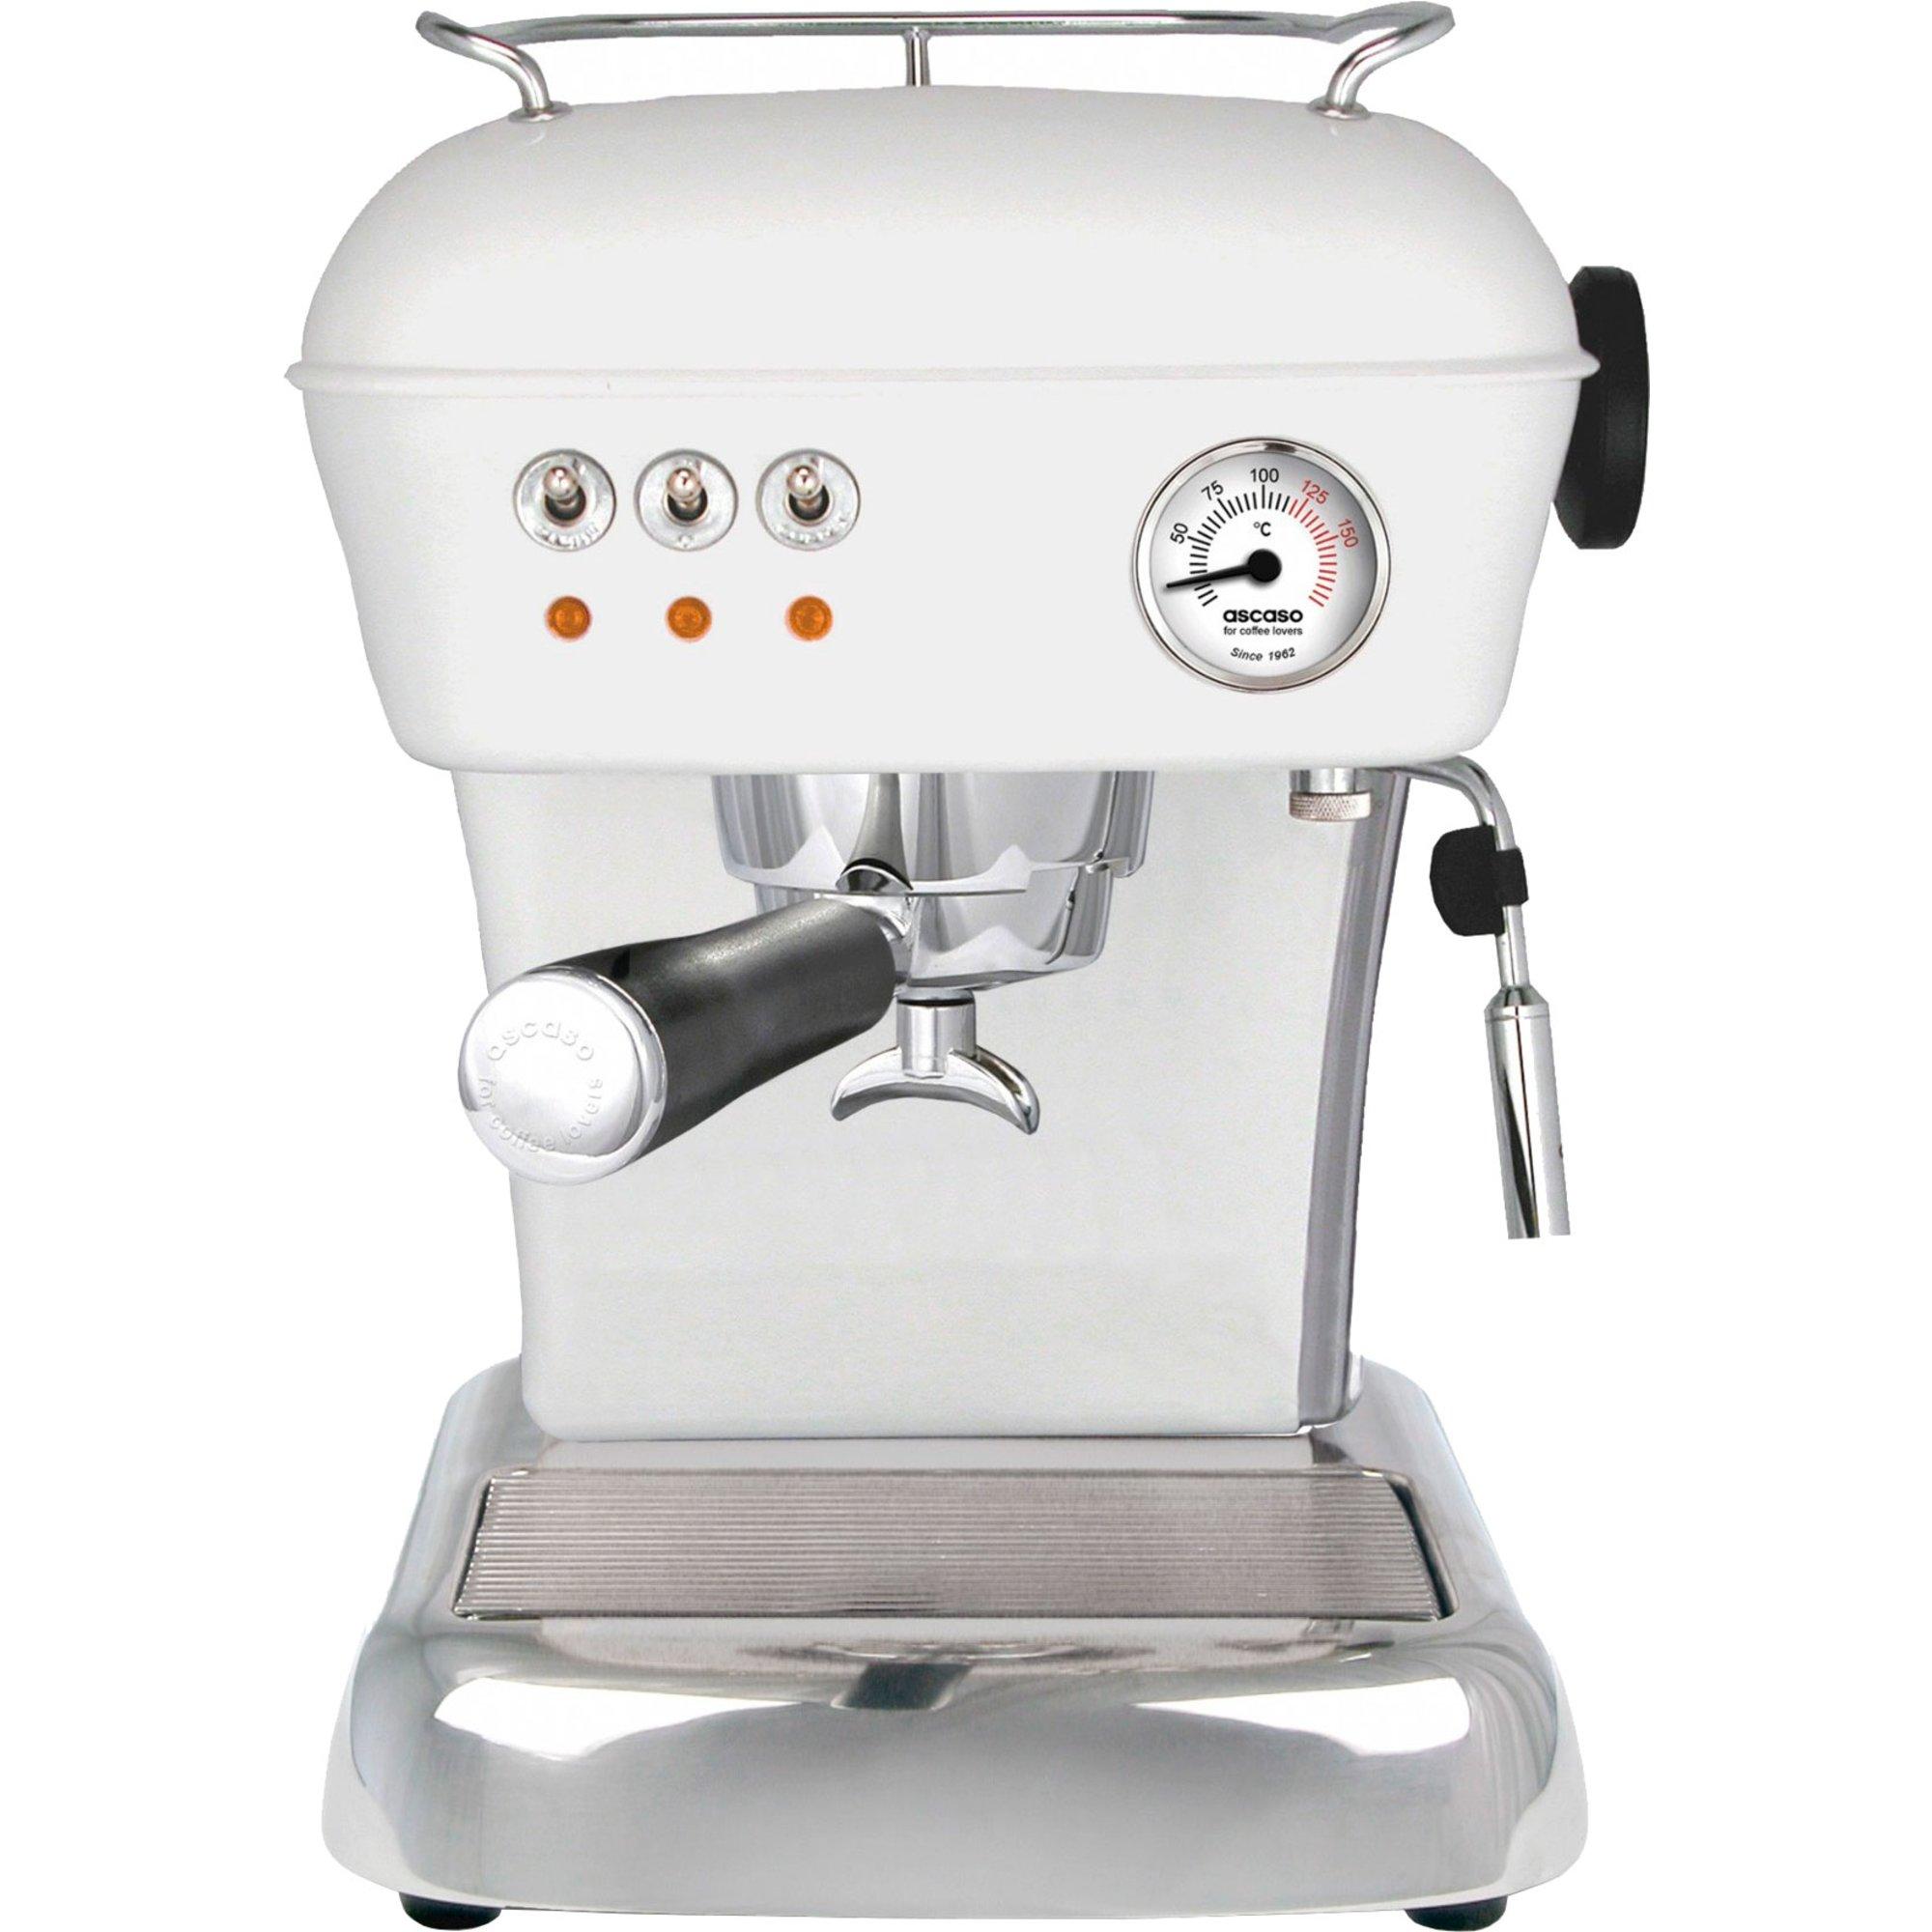 Ascaso DREAM Espressomaskin Vit